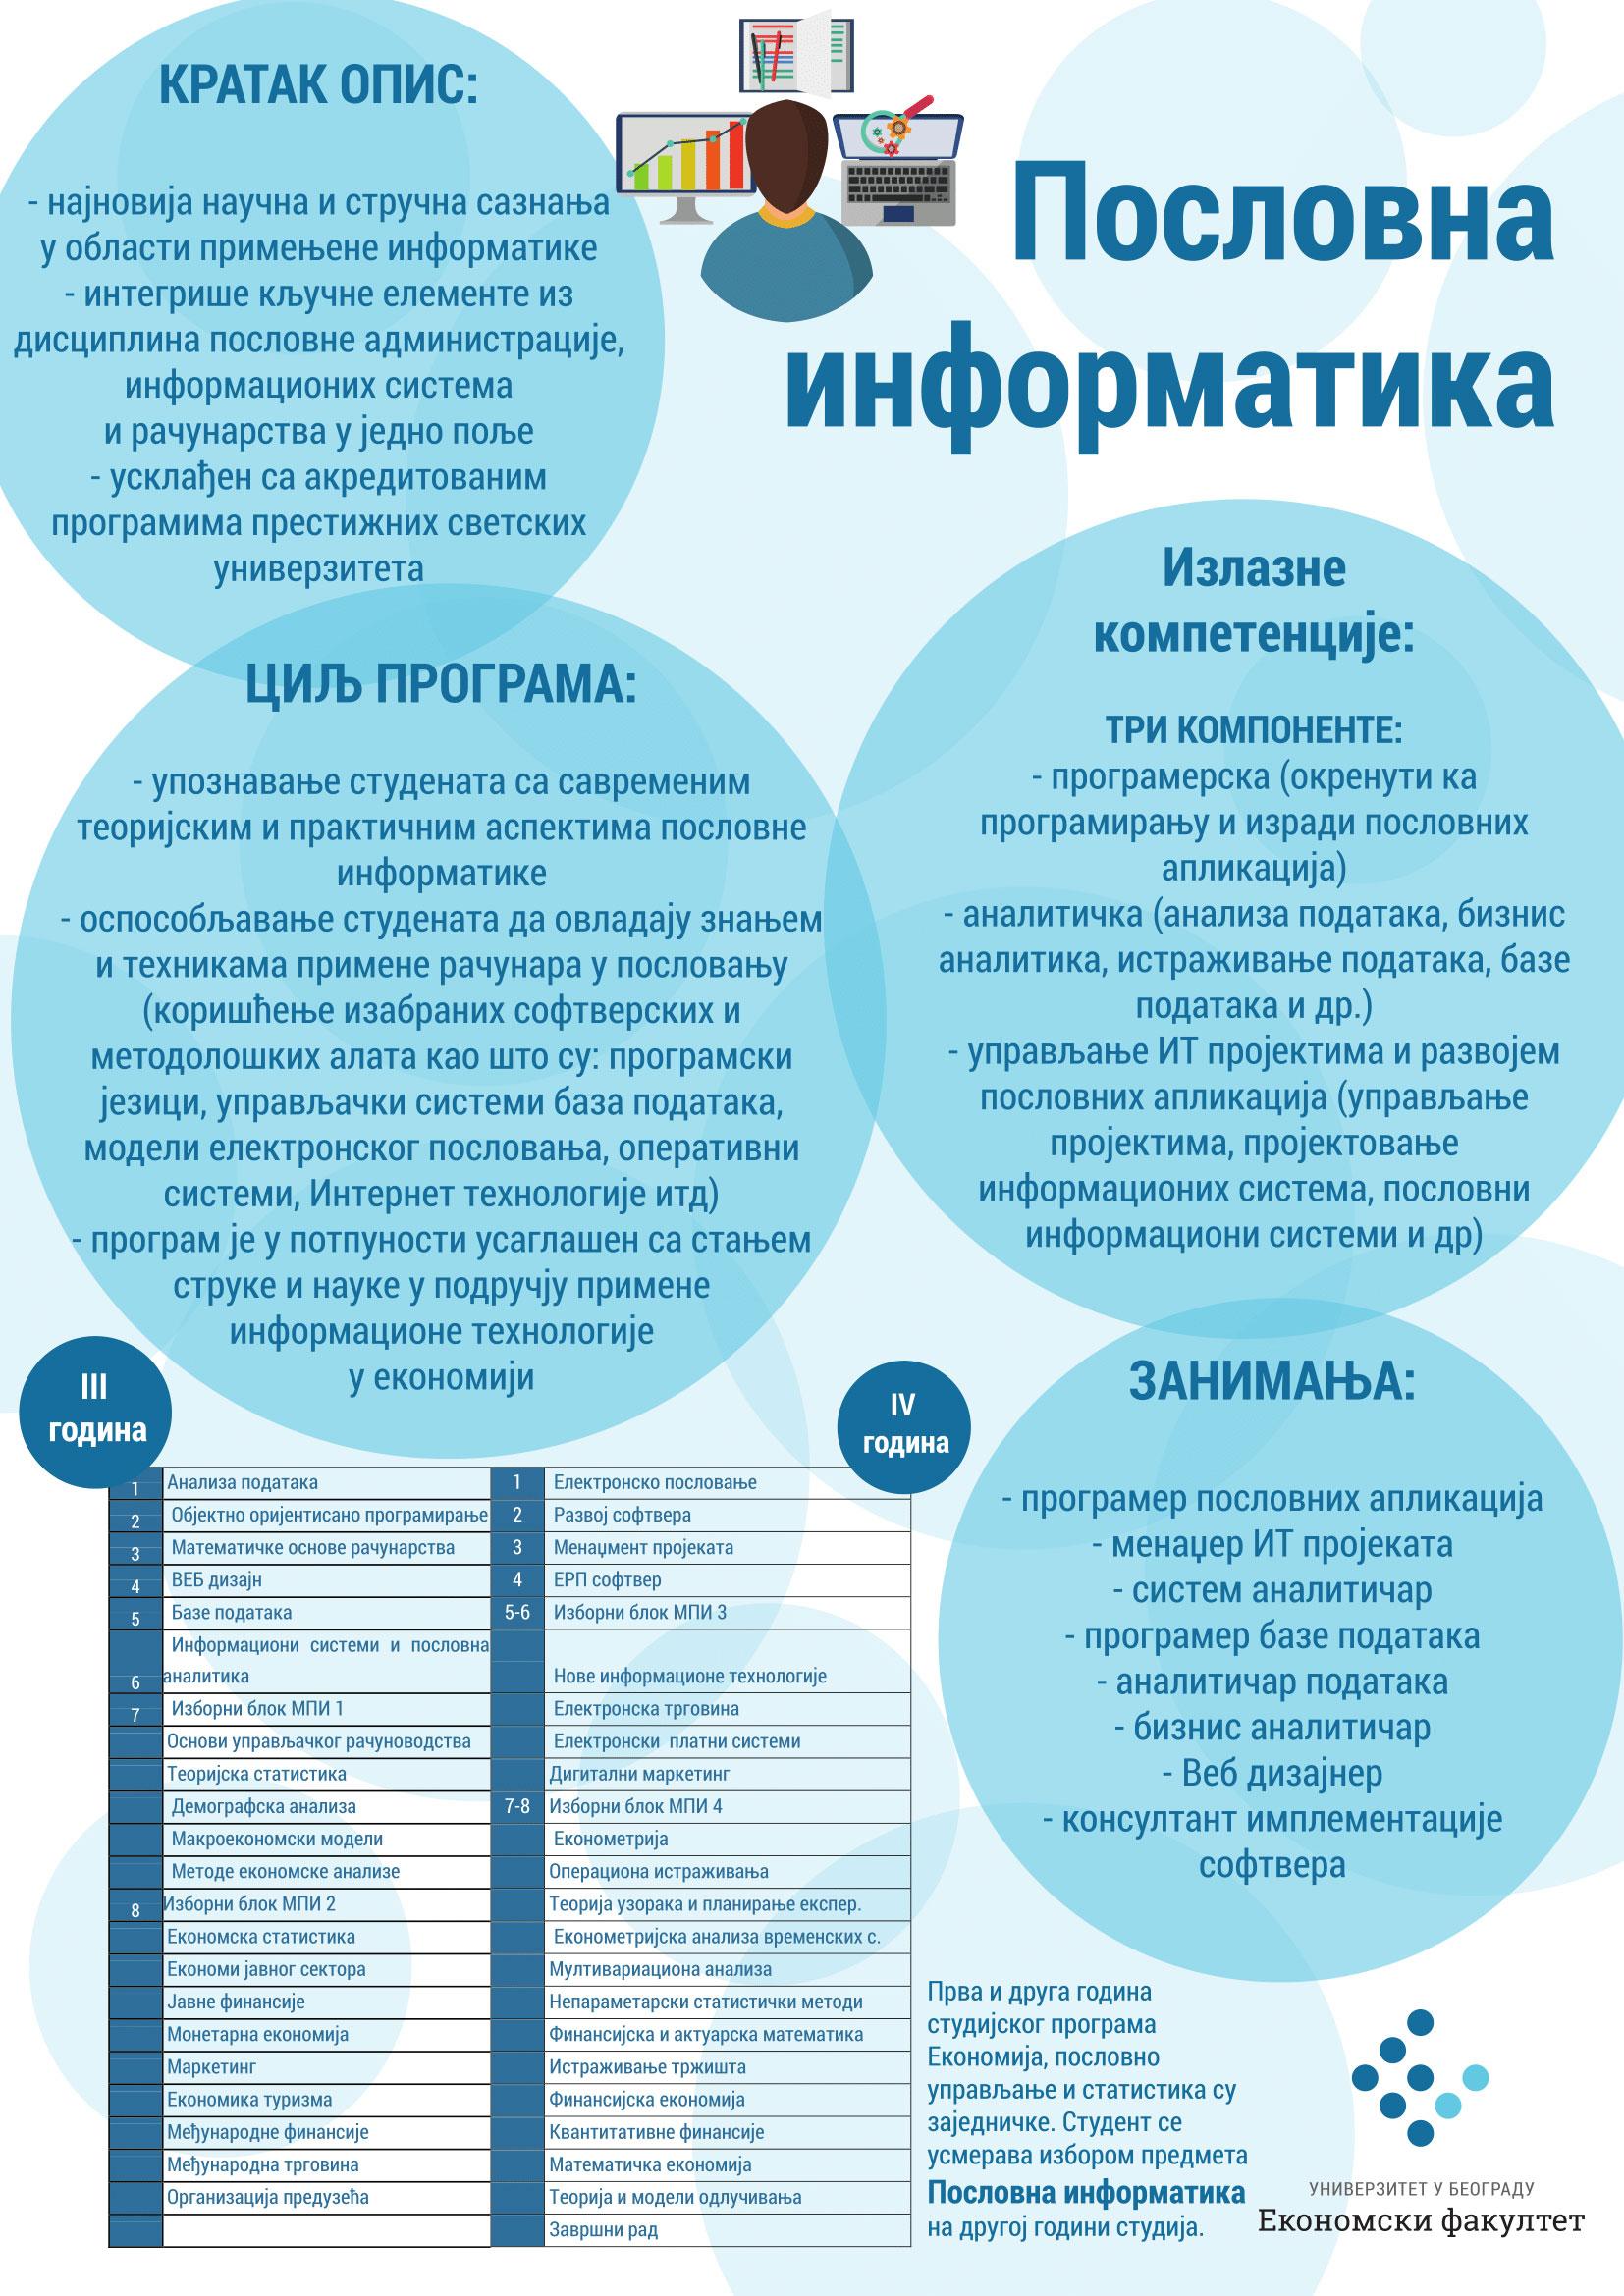 Poslovna-informatika-1